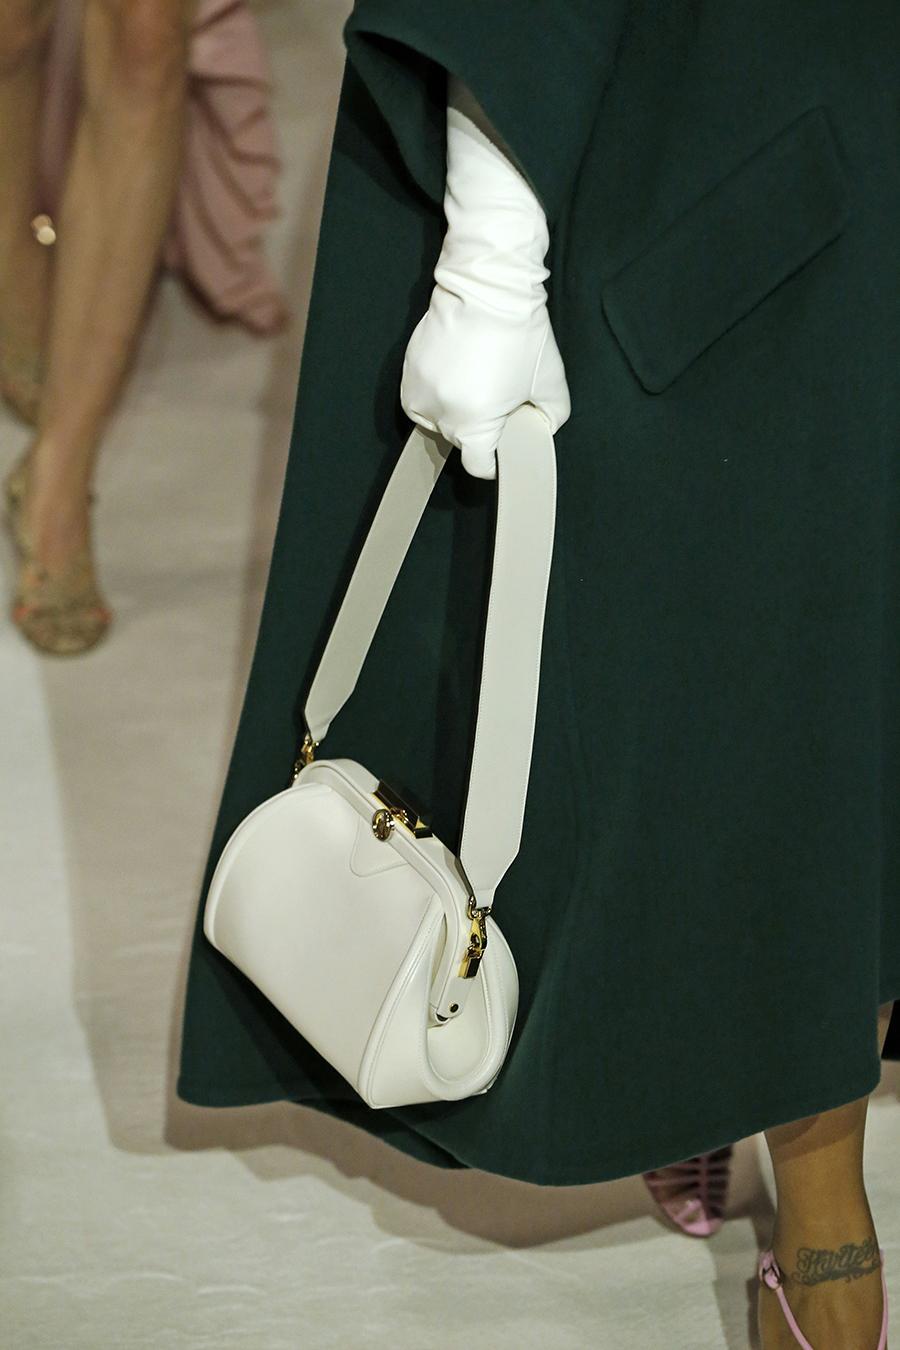 модная сумка ридикюль винтажный стиль осень зима 2020 2021 белая